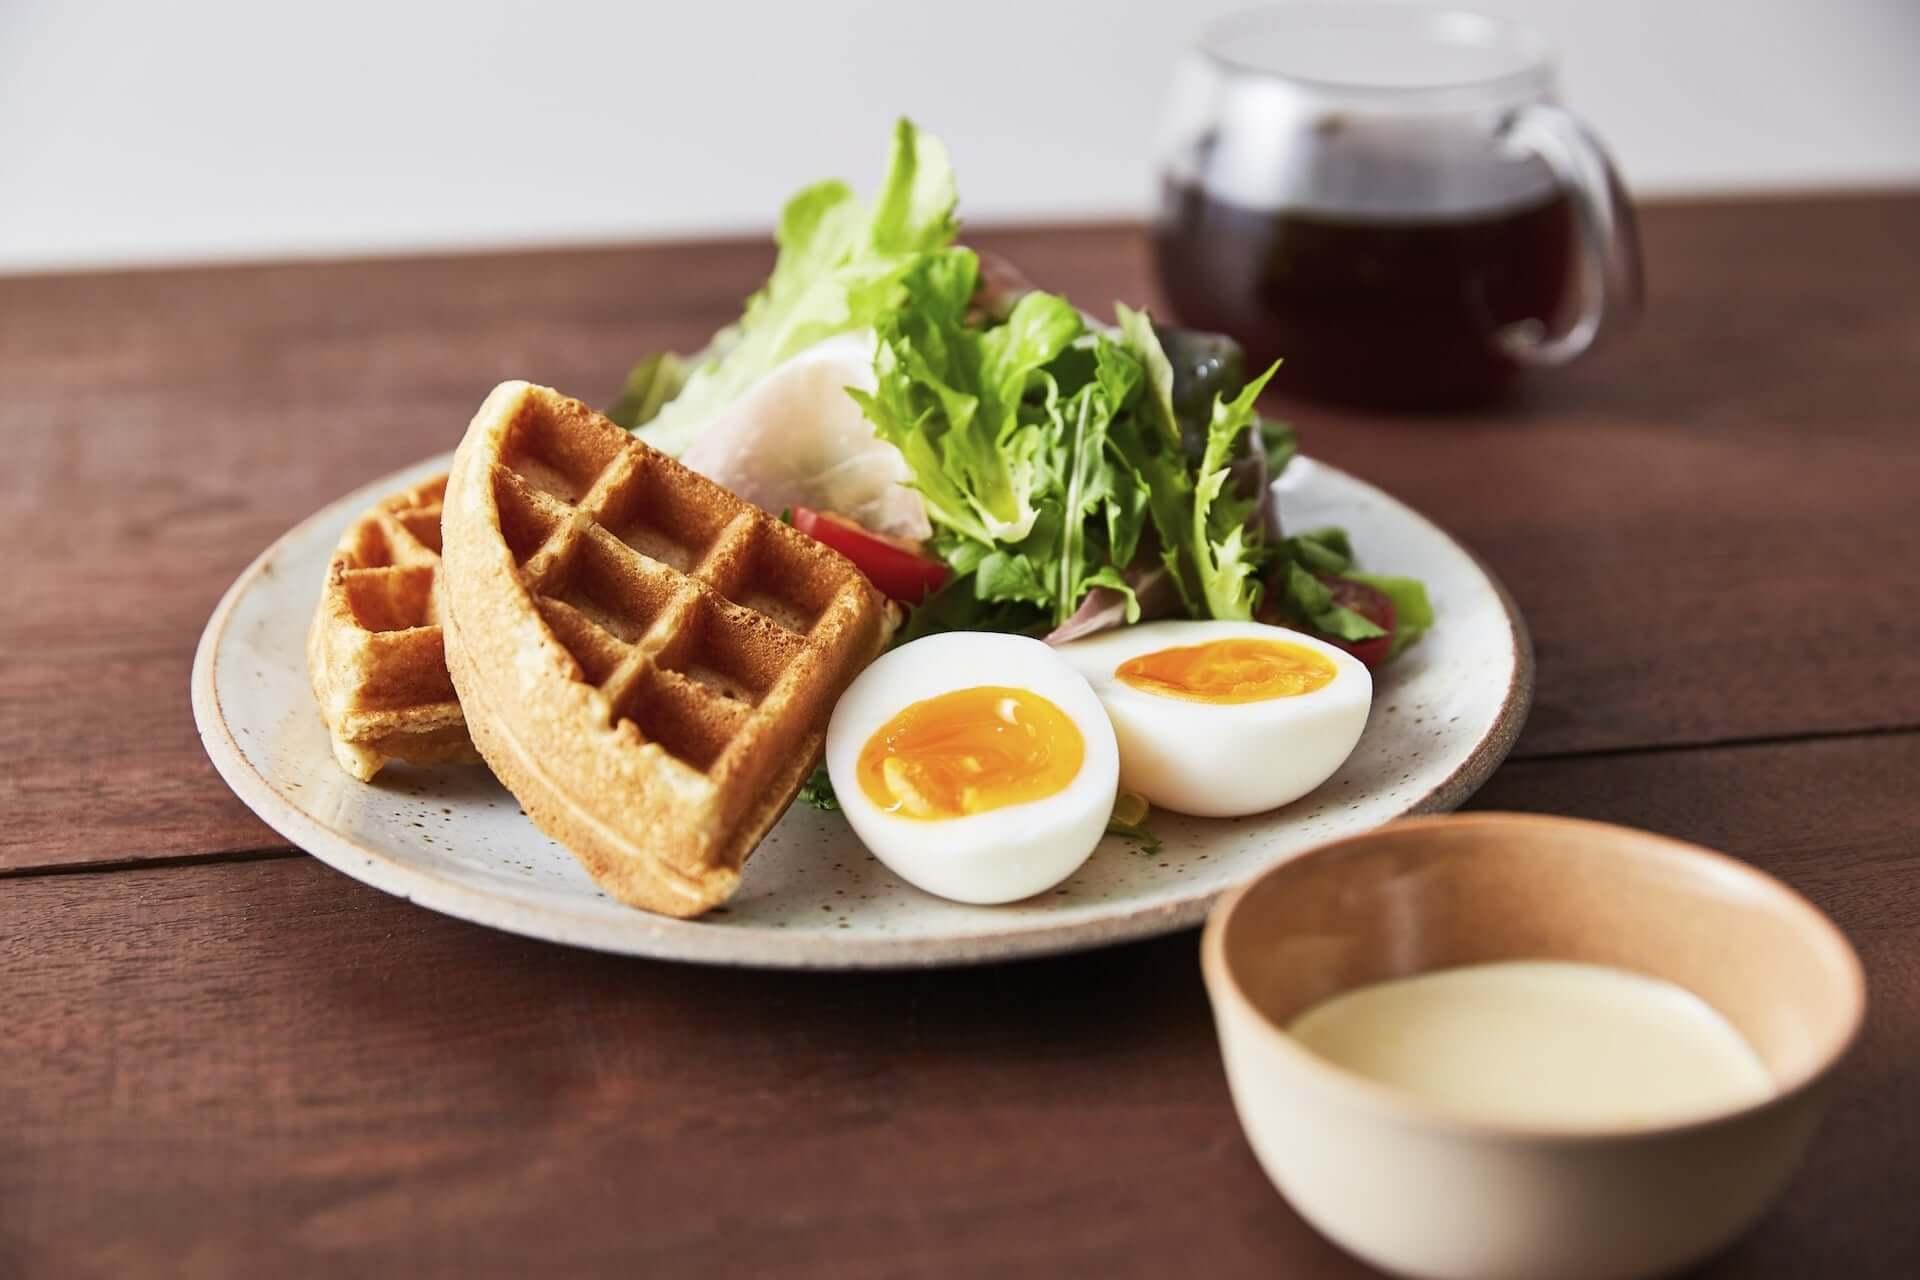 ブルーボトルコーヒー初の公園内カフェが渋谷に登場!ナチュラルワイン、ブランチプレートやチーズケーキも提供 gourmet210322_bluebottlecoffee_5-1920x1280